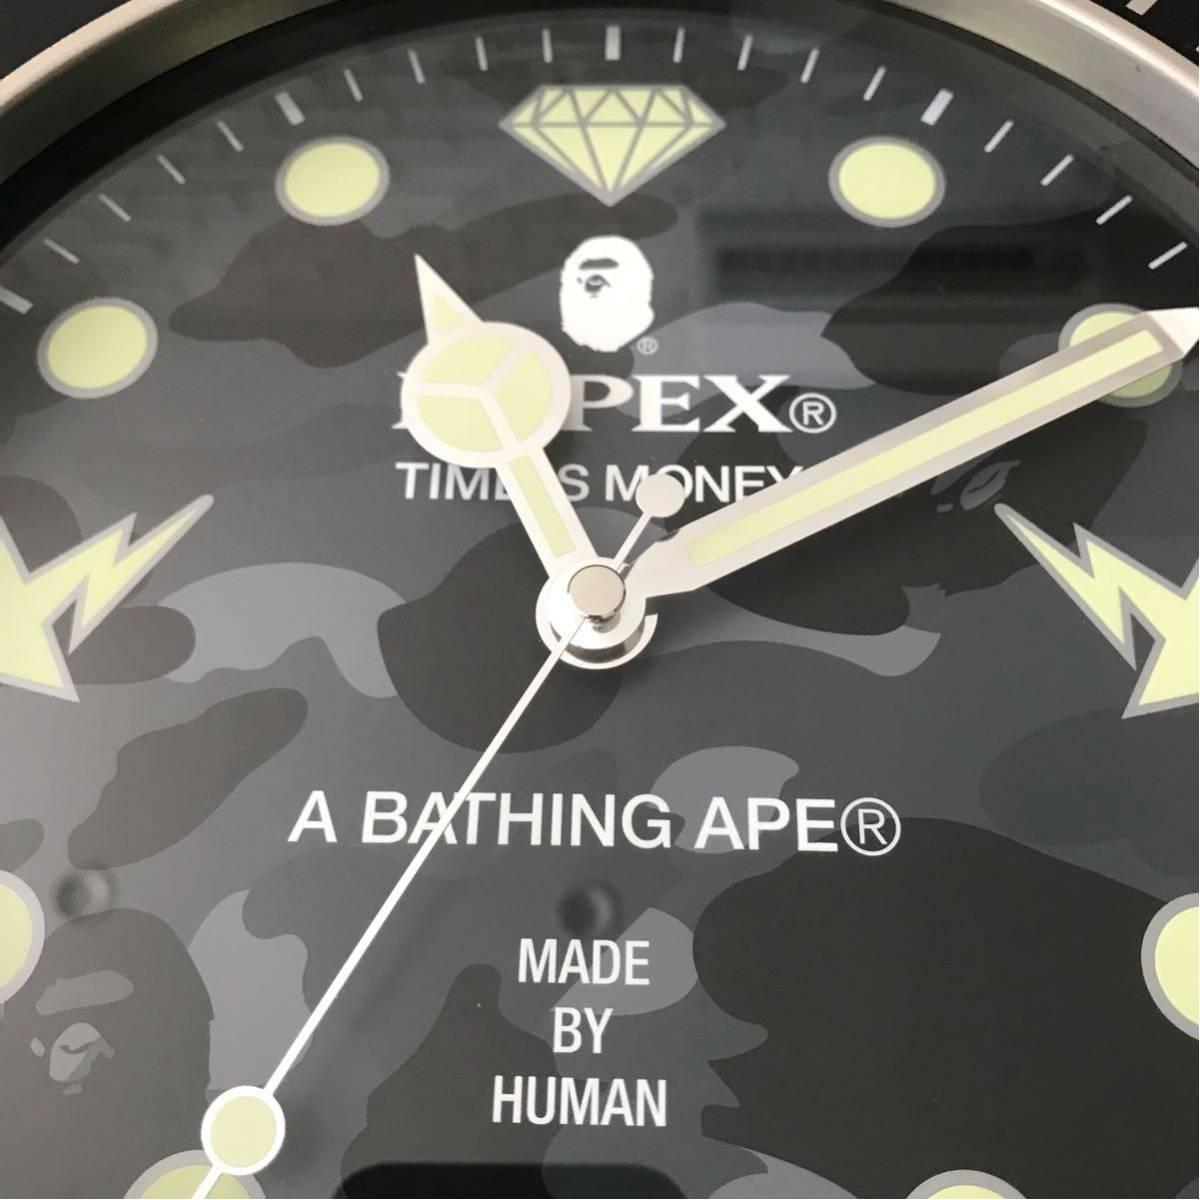 ★激レア★ BAPEX wall clock black camo ウォール クロック 掛け時計 a bathing ape BAPE エイプ ベイプ 時計 黒 迷彩 ブラック